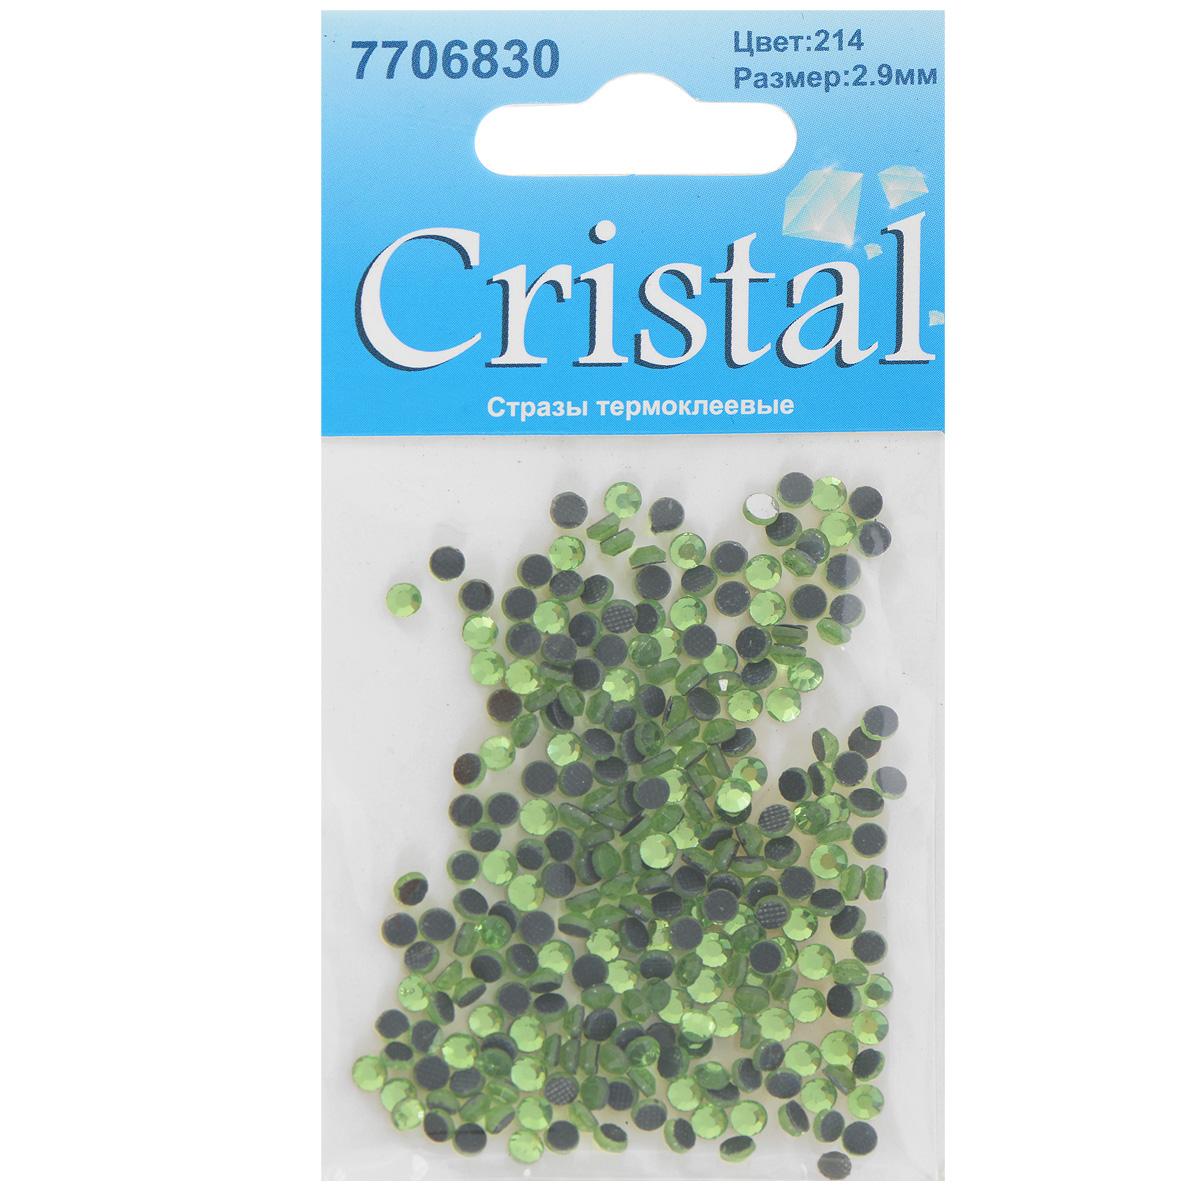 Стразы термоклеевые Cristal, цвет: светло-зеленый (214), диаметр 2,9 мм, 288 шт7706830_214Набор термоклеевых страз Cristal, изготовленный из высококачественного акрила, позволит вам украсить одежду, аксессуары или текстиль. Яркие стразы имеют плоское дно и круглую поверхность с гранями. Дно термоклеевых страз уже обработано особым клеем, который под воздействием высоких температур начинает плавиться, приклеиваясь, таким образом, к требуемой поверхности. Чаще всего их используют в текстильной промышленности: стразы прикладывают к ткани и проглаживают утюгом с обратной стороны. Также можно использовать специальный паяльник. Украшение стразами поможет сделать любую вещь оригинальной и неповторимой. Диаметр страз: 2,9 мм.